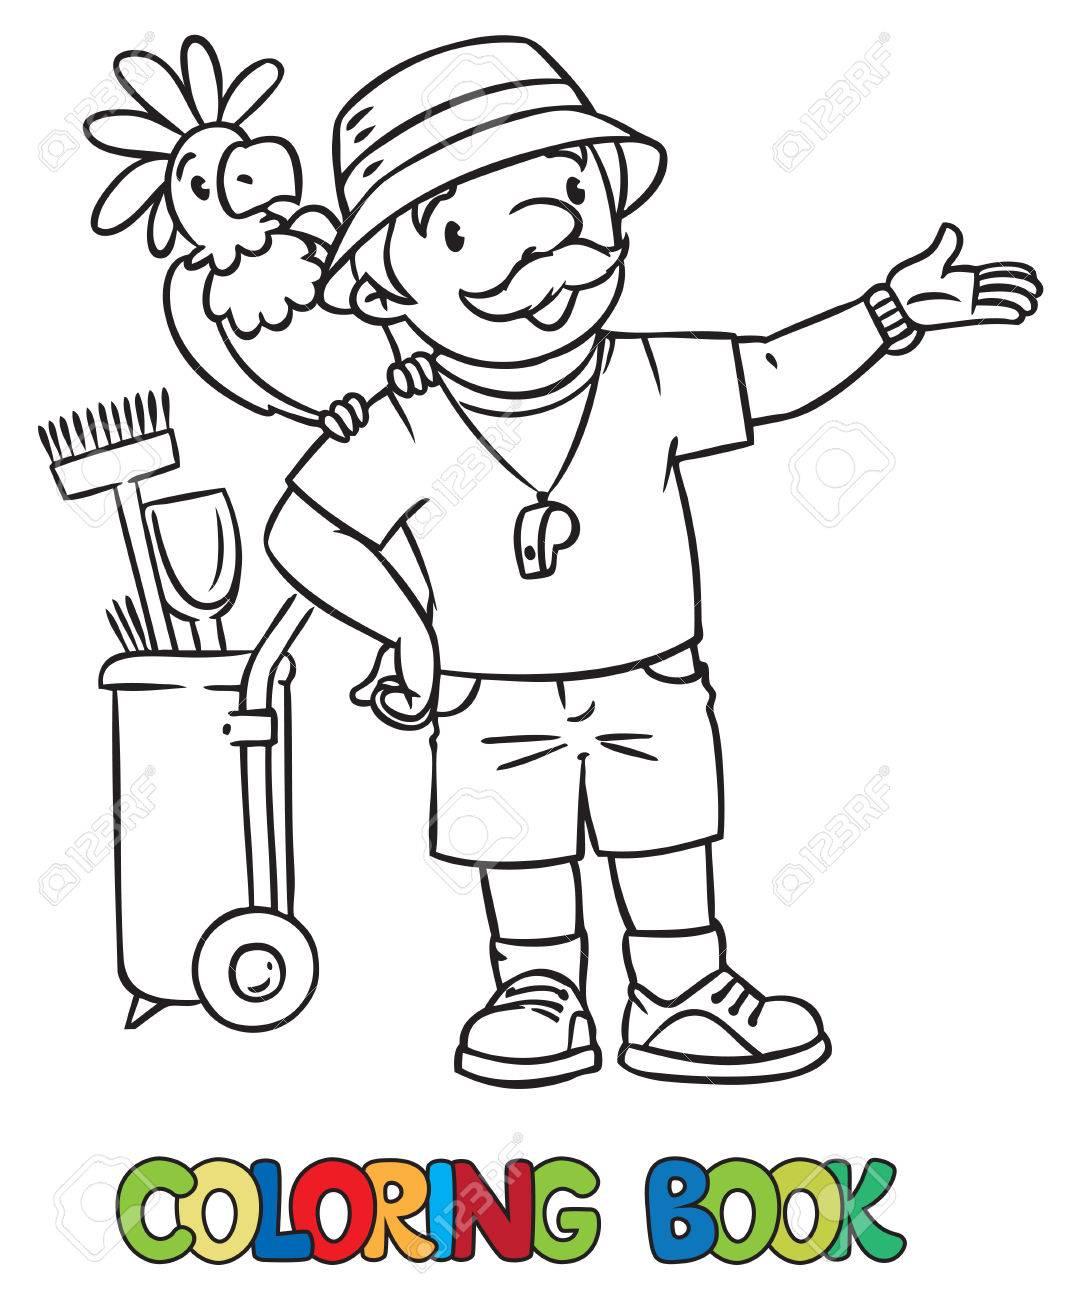 Libro Para Colorear Del Guardián Del Zoológico Divertido Un Hombre Vestido Con Sombrero Panamá Camiseta Y Pantalones Cortos Con Loro Y El Carrito